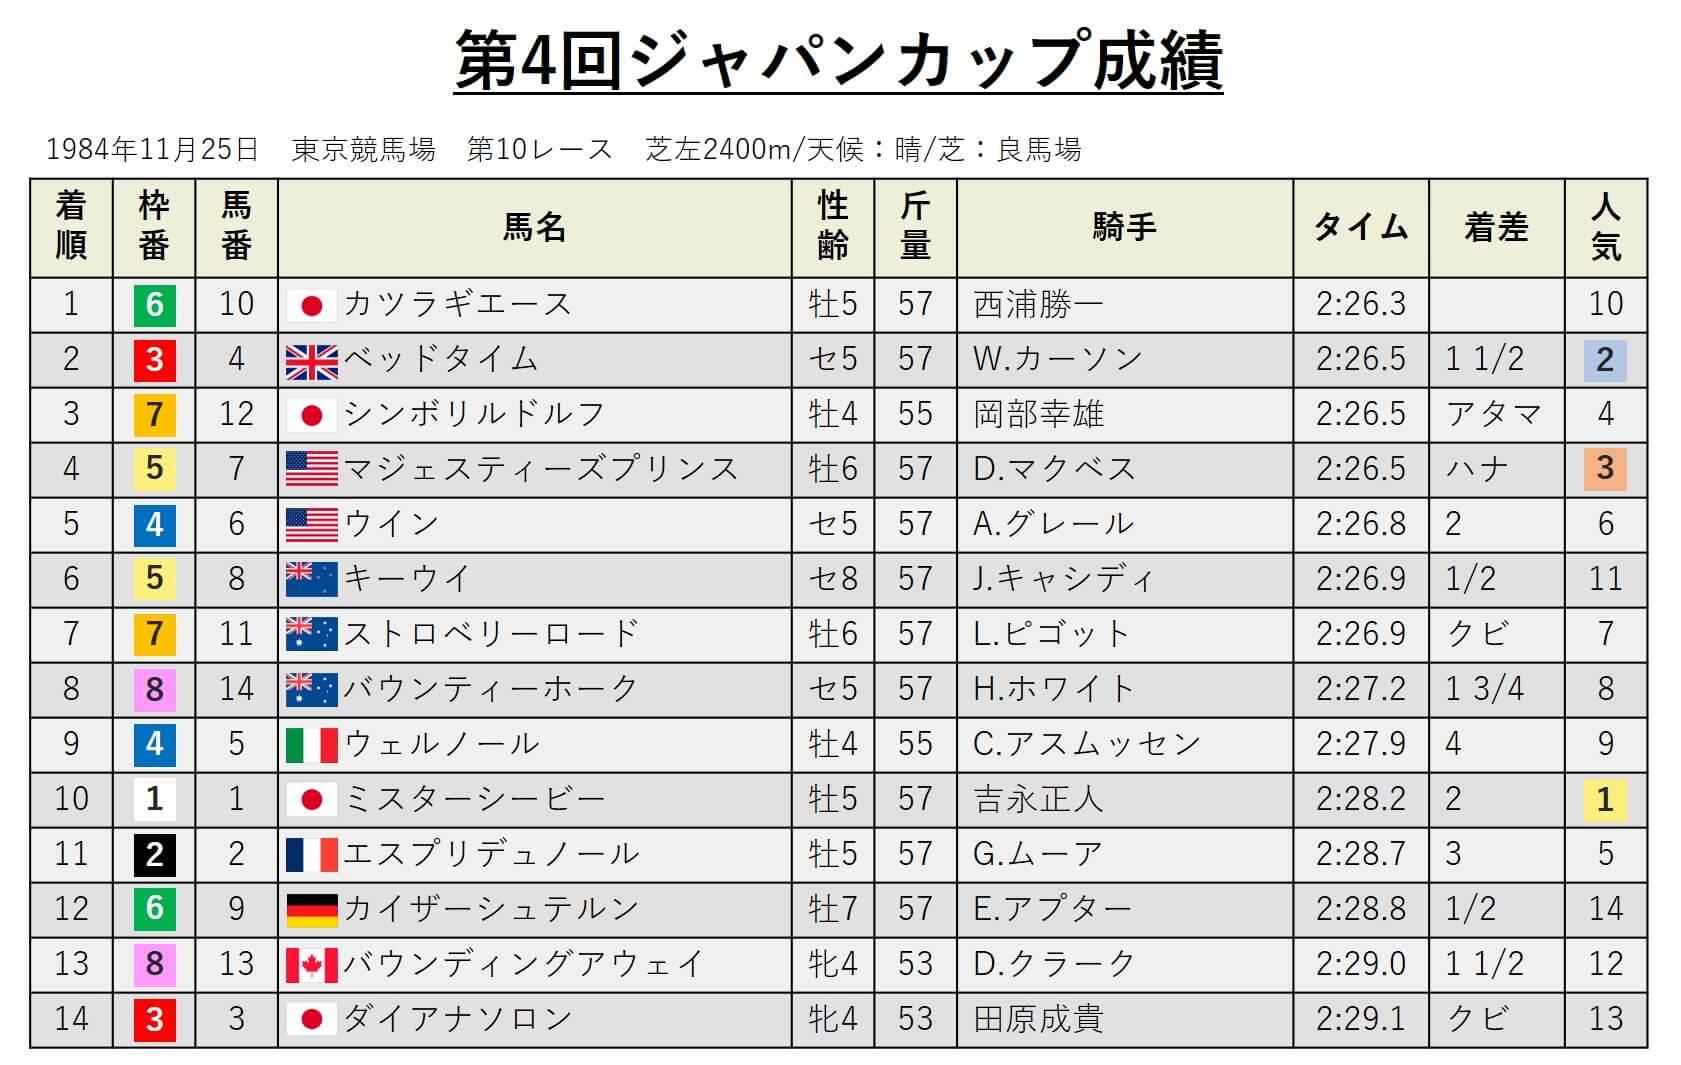 第4回ジャパンカップ・データ